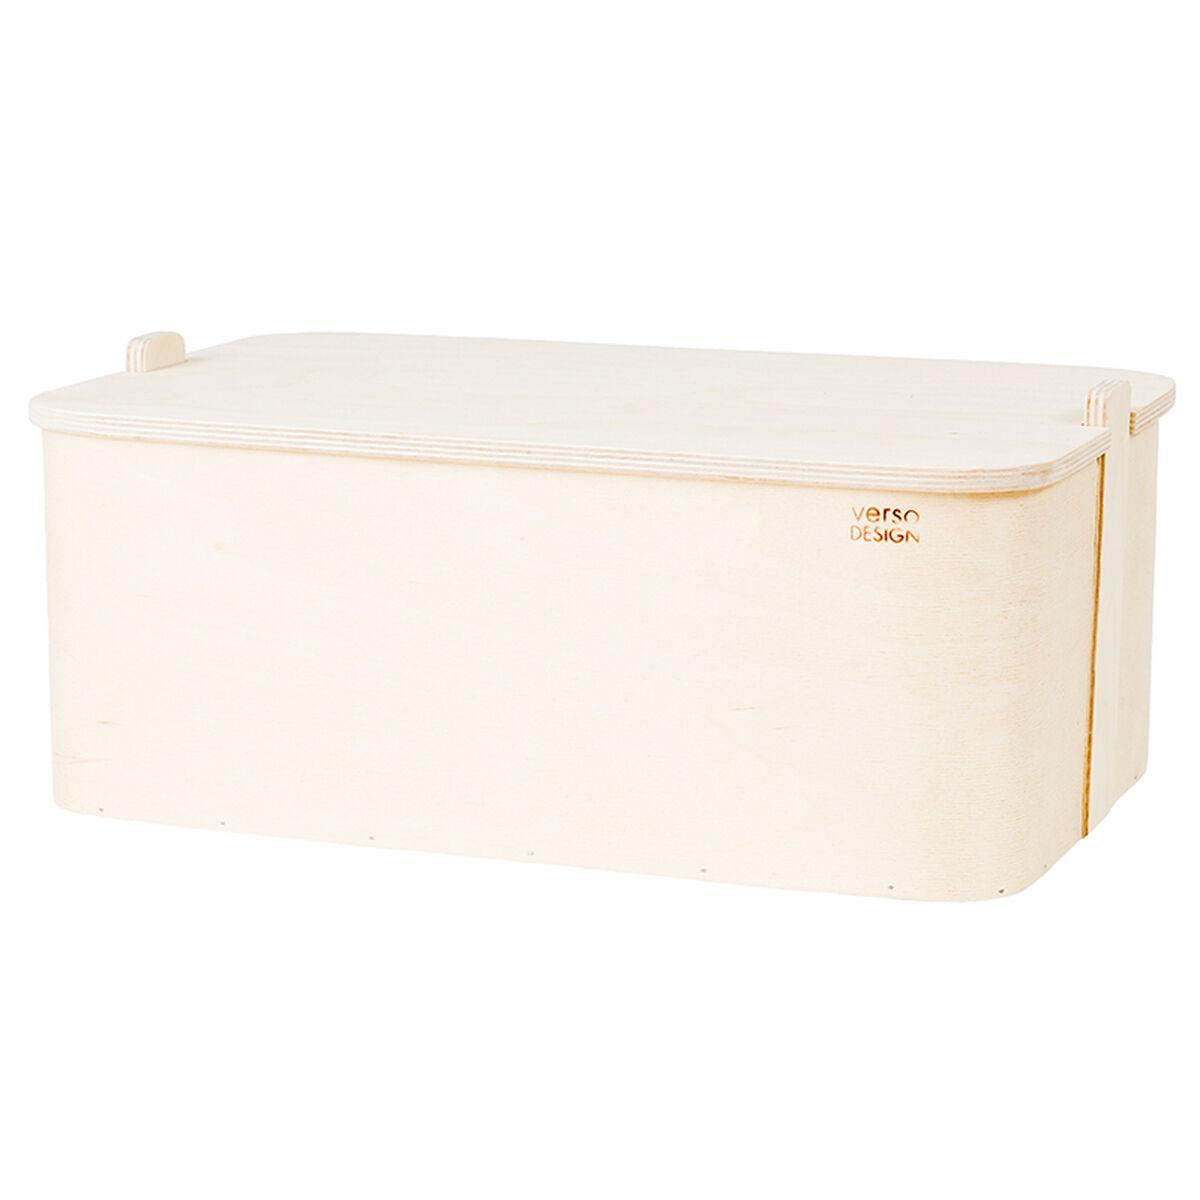 Verso Design Koppa Bread Box